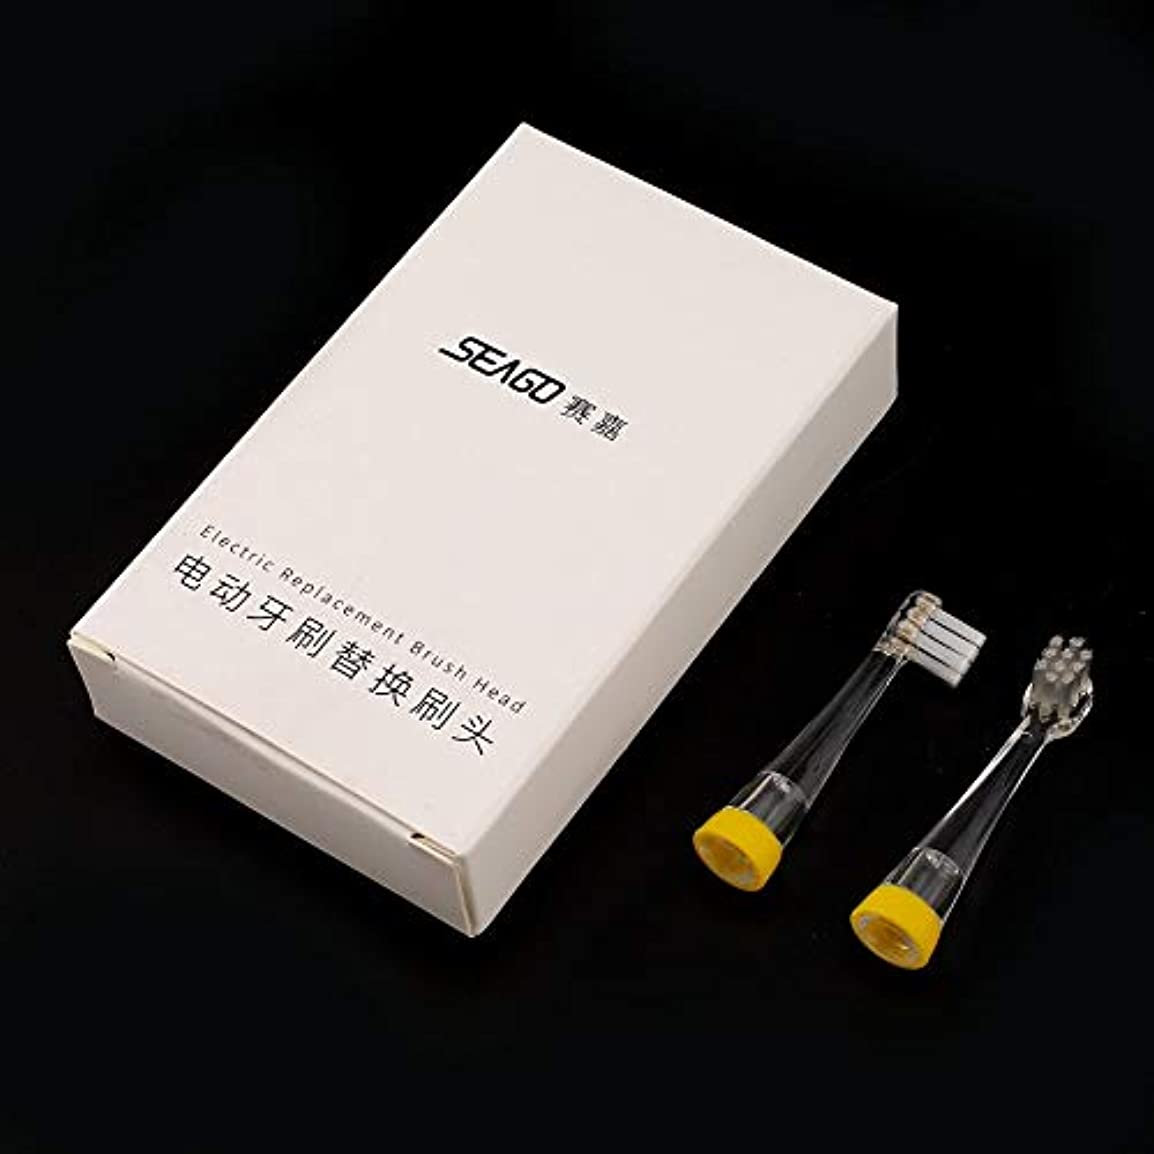 スローガン議題喜んで2ピースポータブル電気交換ブラシヘッドシーゴSG-811子供電動歯ブラシソフトデュポンナイロン剛毛(Color:white & yellow)